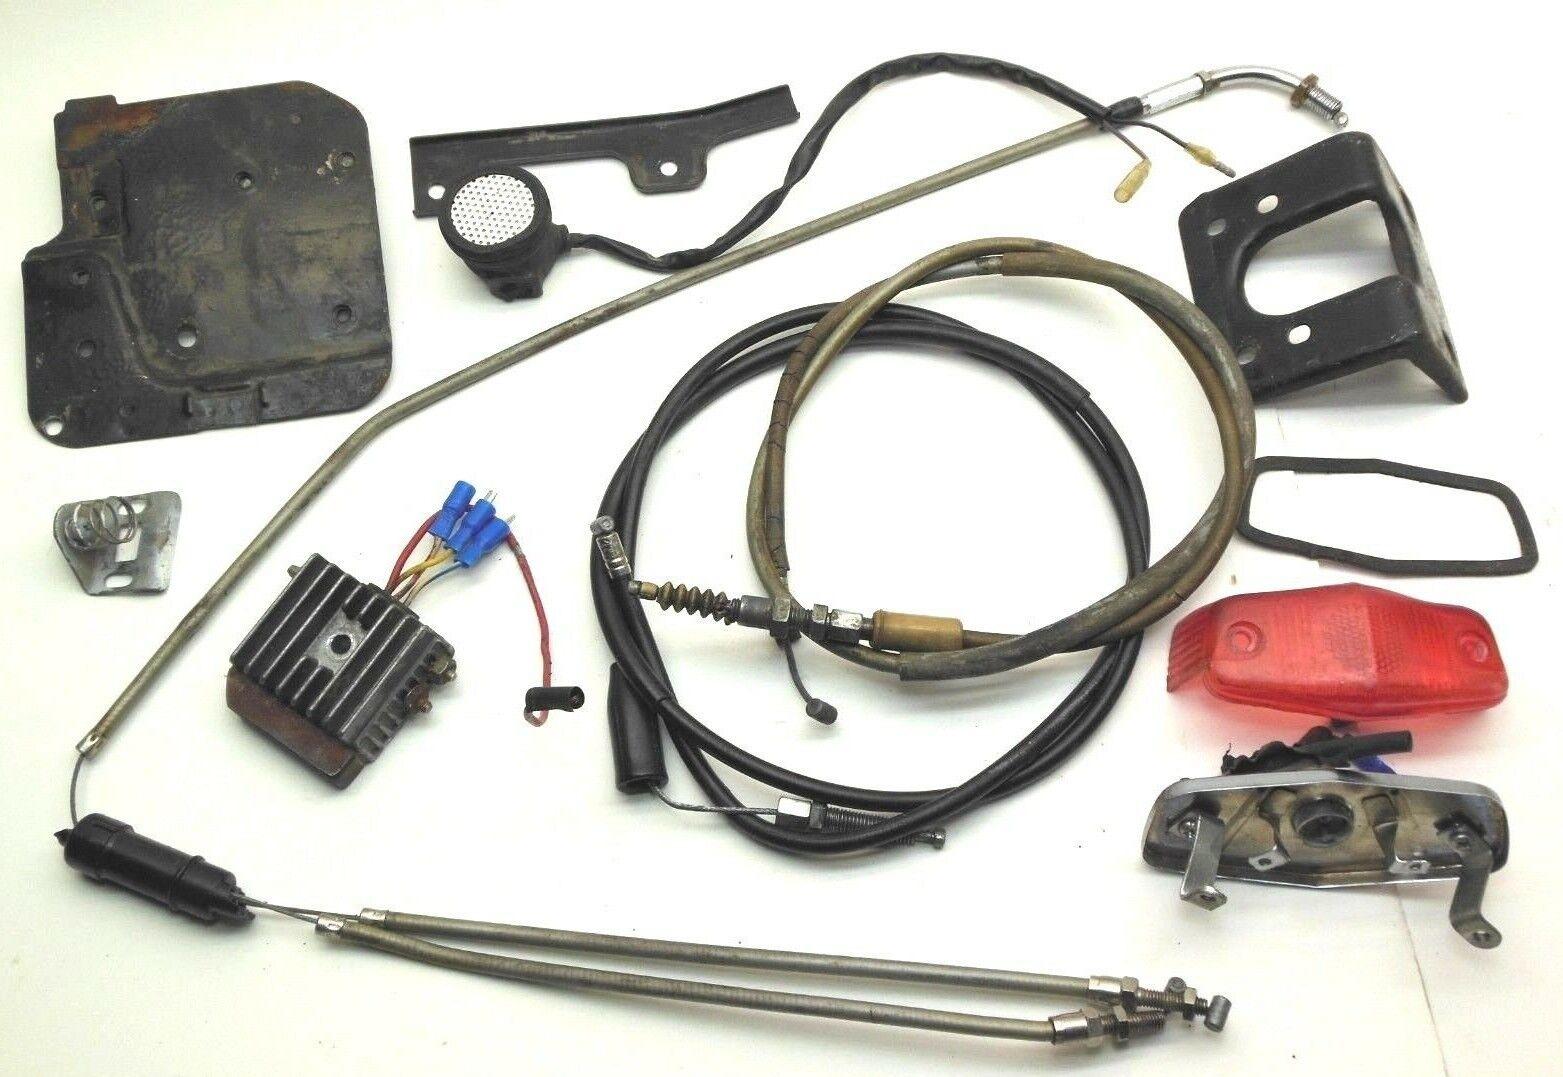 Suzuki GS750 Miscellaneous Parts Lot Cables Buzzer Small Bracket Wholesale